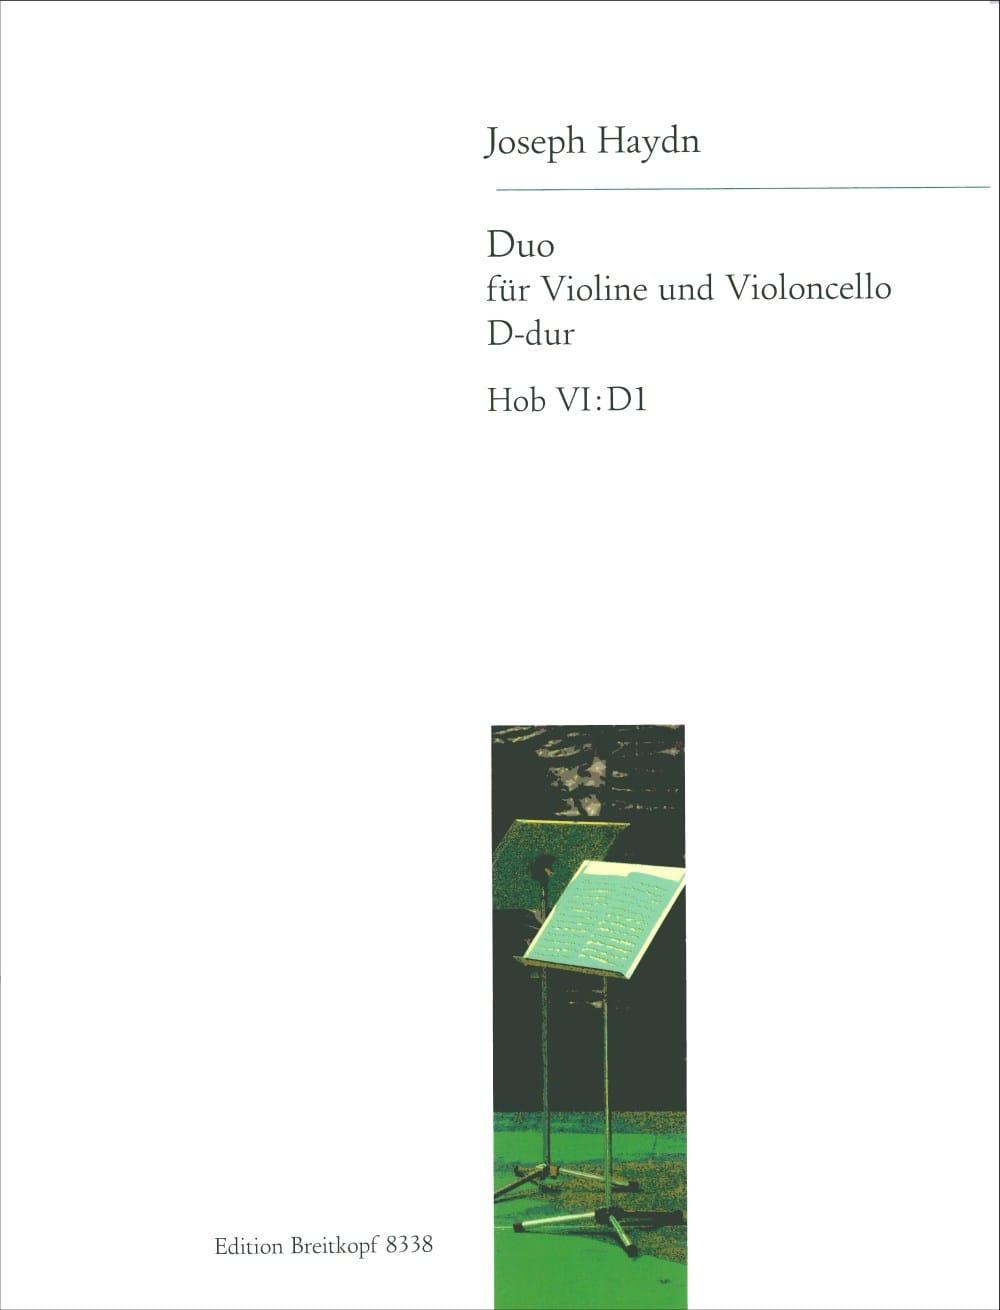 Duo Hob 6: D1, D-Dur - HAYDN - Partition - 0 - laflutedepan.com